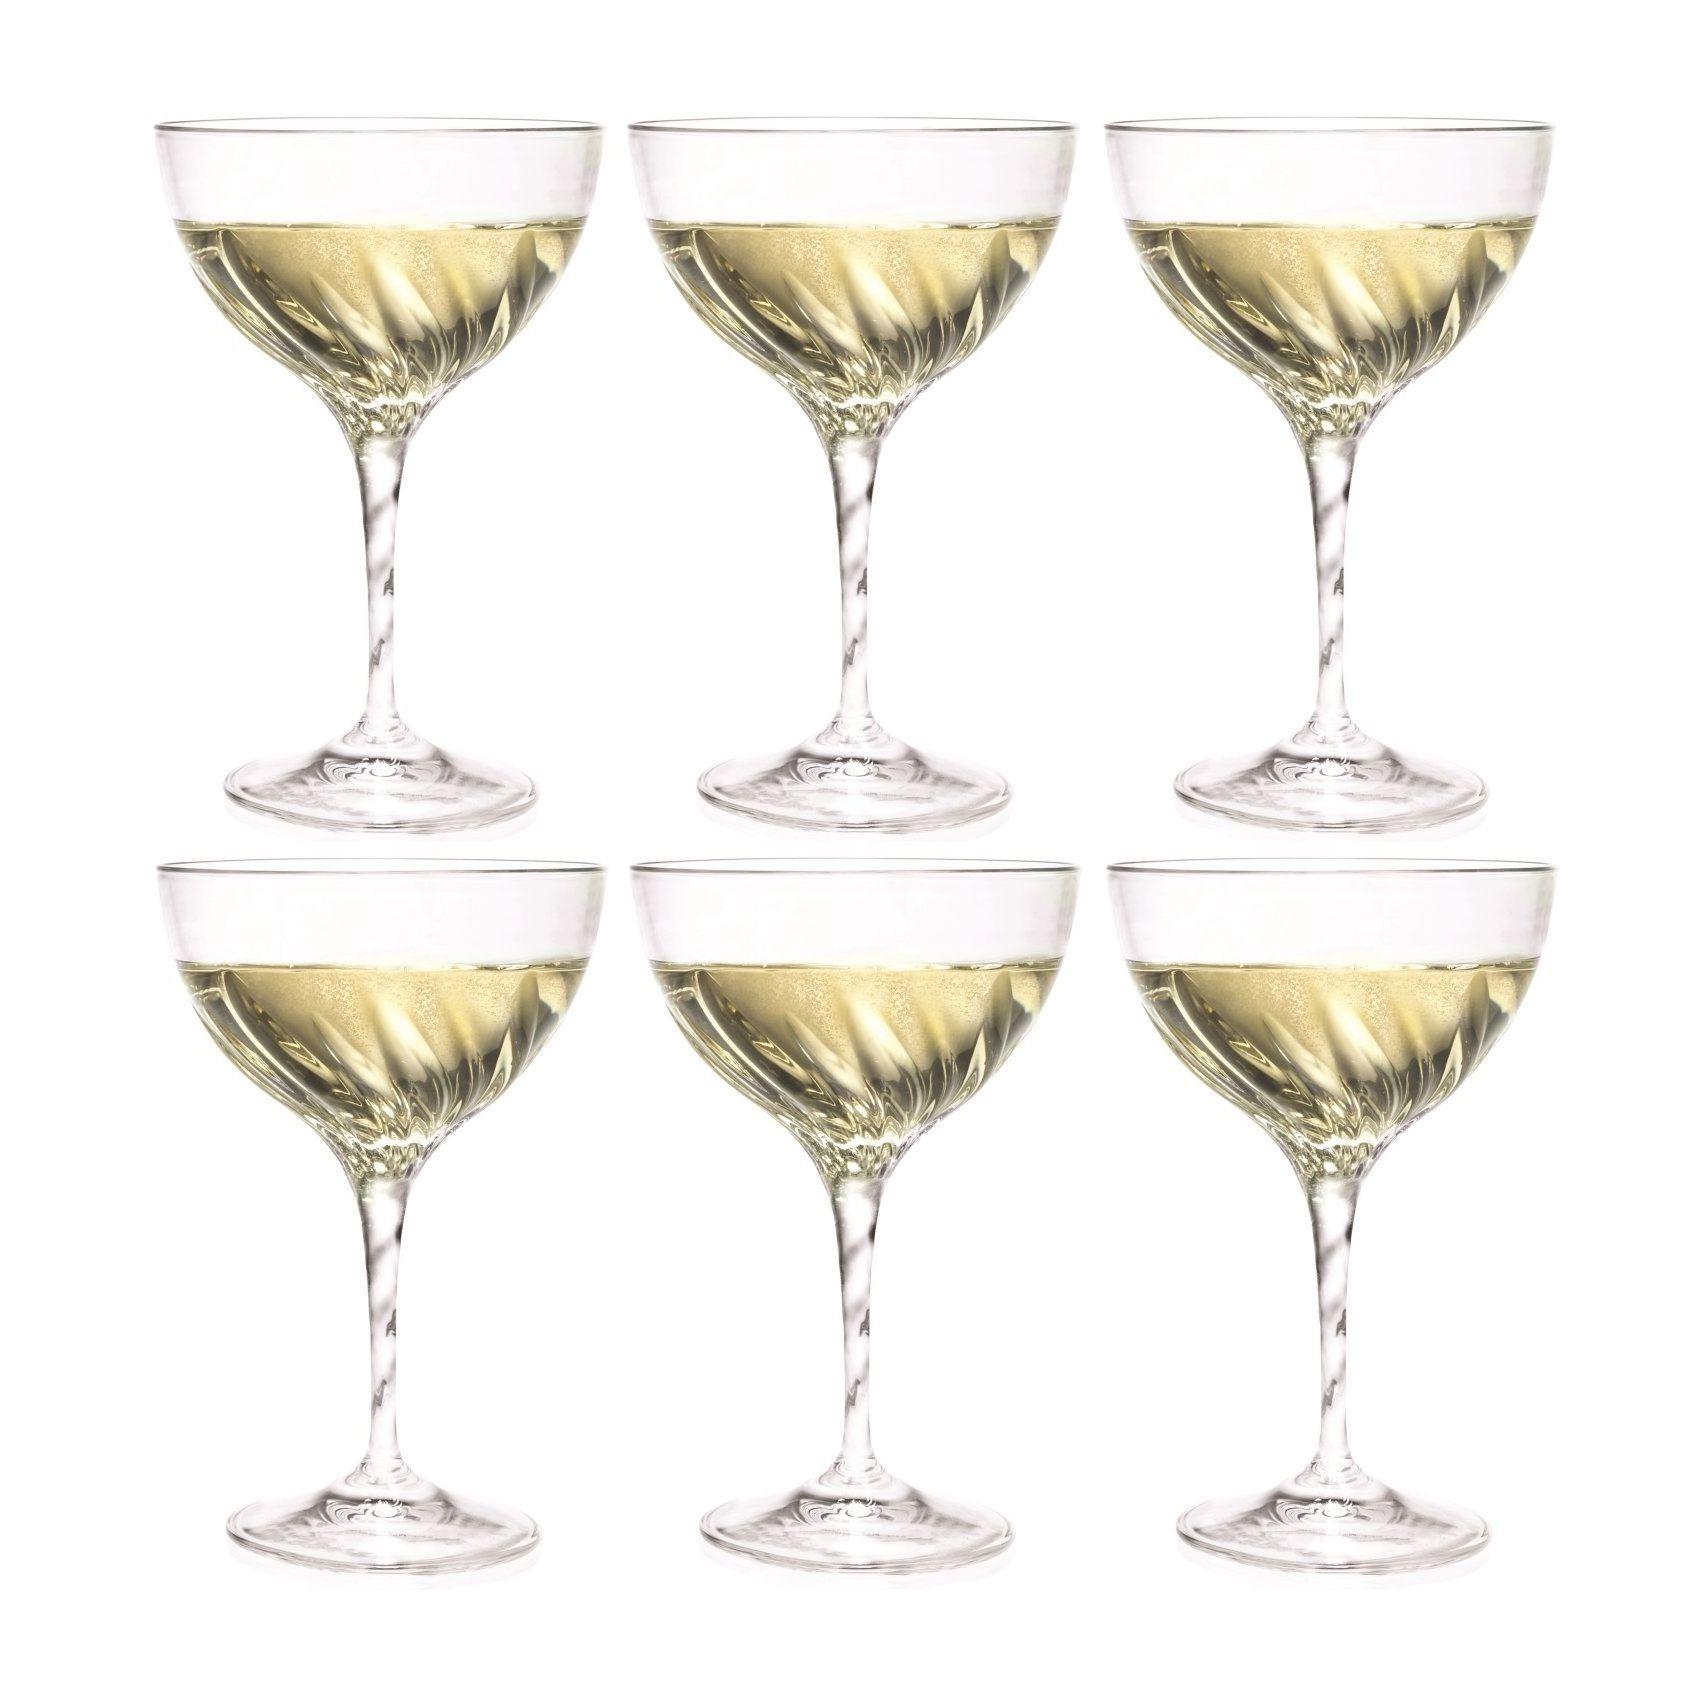 Набор бокалов для шампанского 380 мл. 6 шт. FLUENTEНабор бокалов для шампанскогоФлюент отличается изысканностью и элегантностью дизайна. Высокие стенки узкого бокала обеспечивают длительное сохранение вкуса и аромата игристого напитка, а преломление света в гранях стекла привнесет в ваш праздник настроение торжественности и роскоши. Бокалы изготавливаются из прочного стекла, для создания которого не применяются токсичные вещества. Набор станет универсальным выбором для дома, а также подойдет для применения в барах и ресторанах благодаря универсальному исполнению. Набор бокалов для шампанскогоФлюент – выбор для самых ярких праздников.<br>